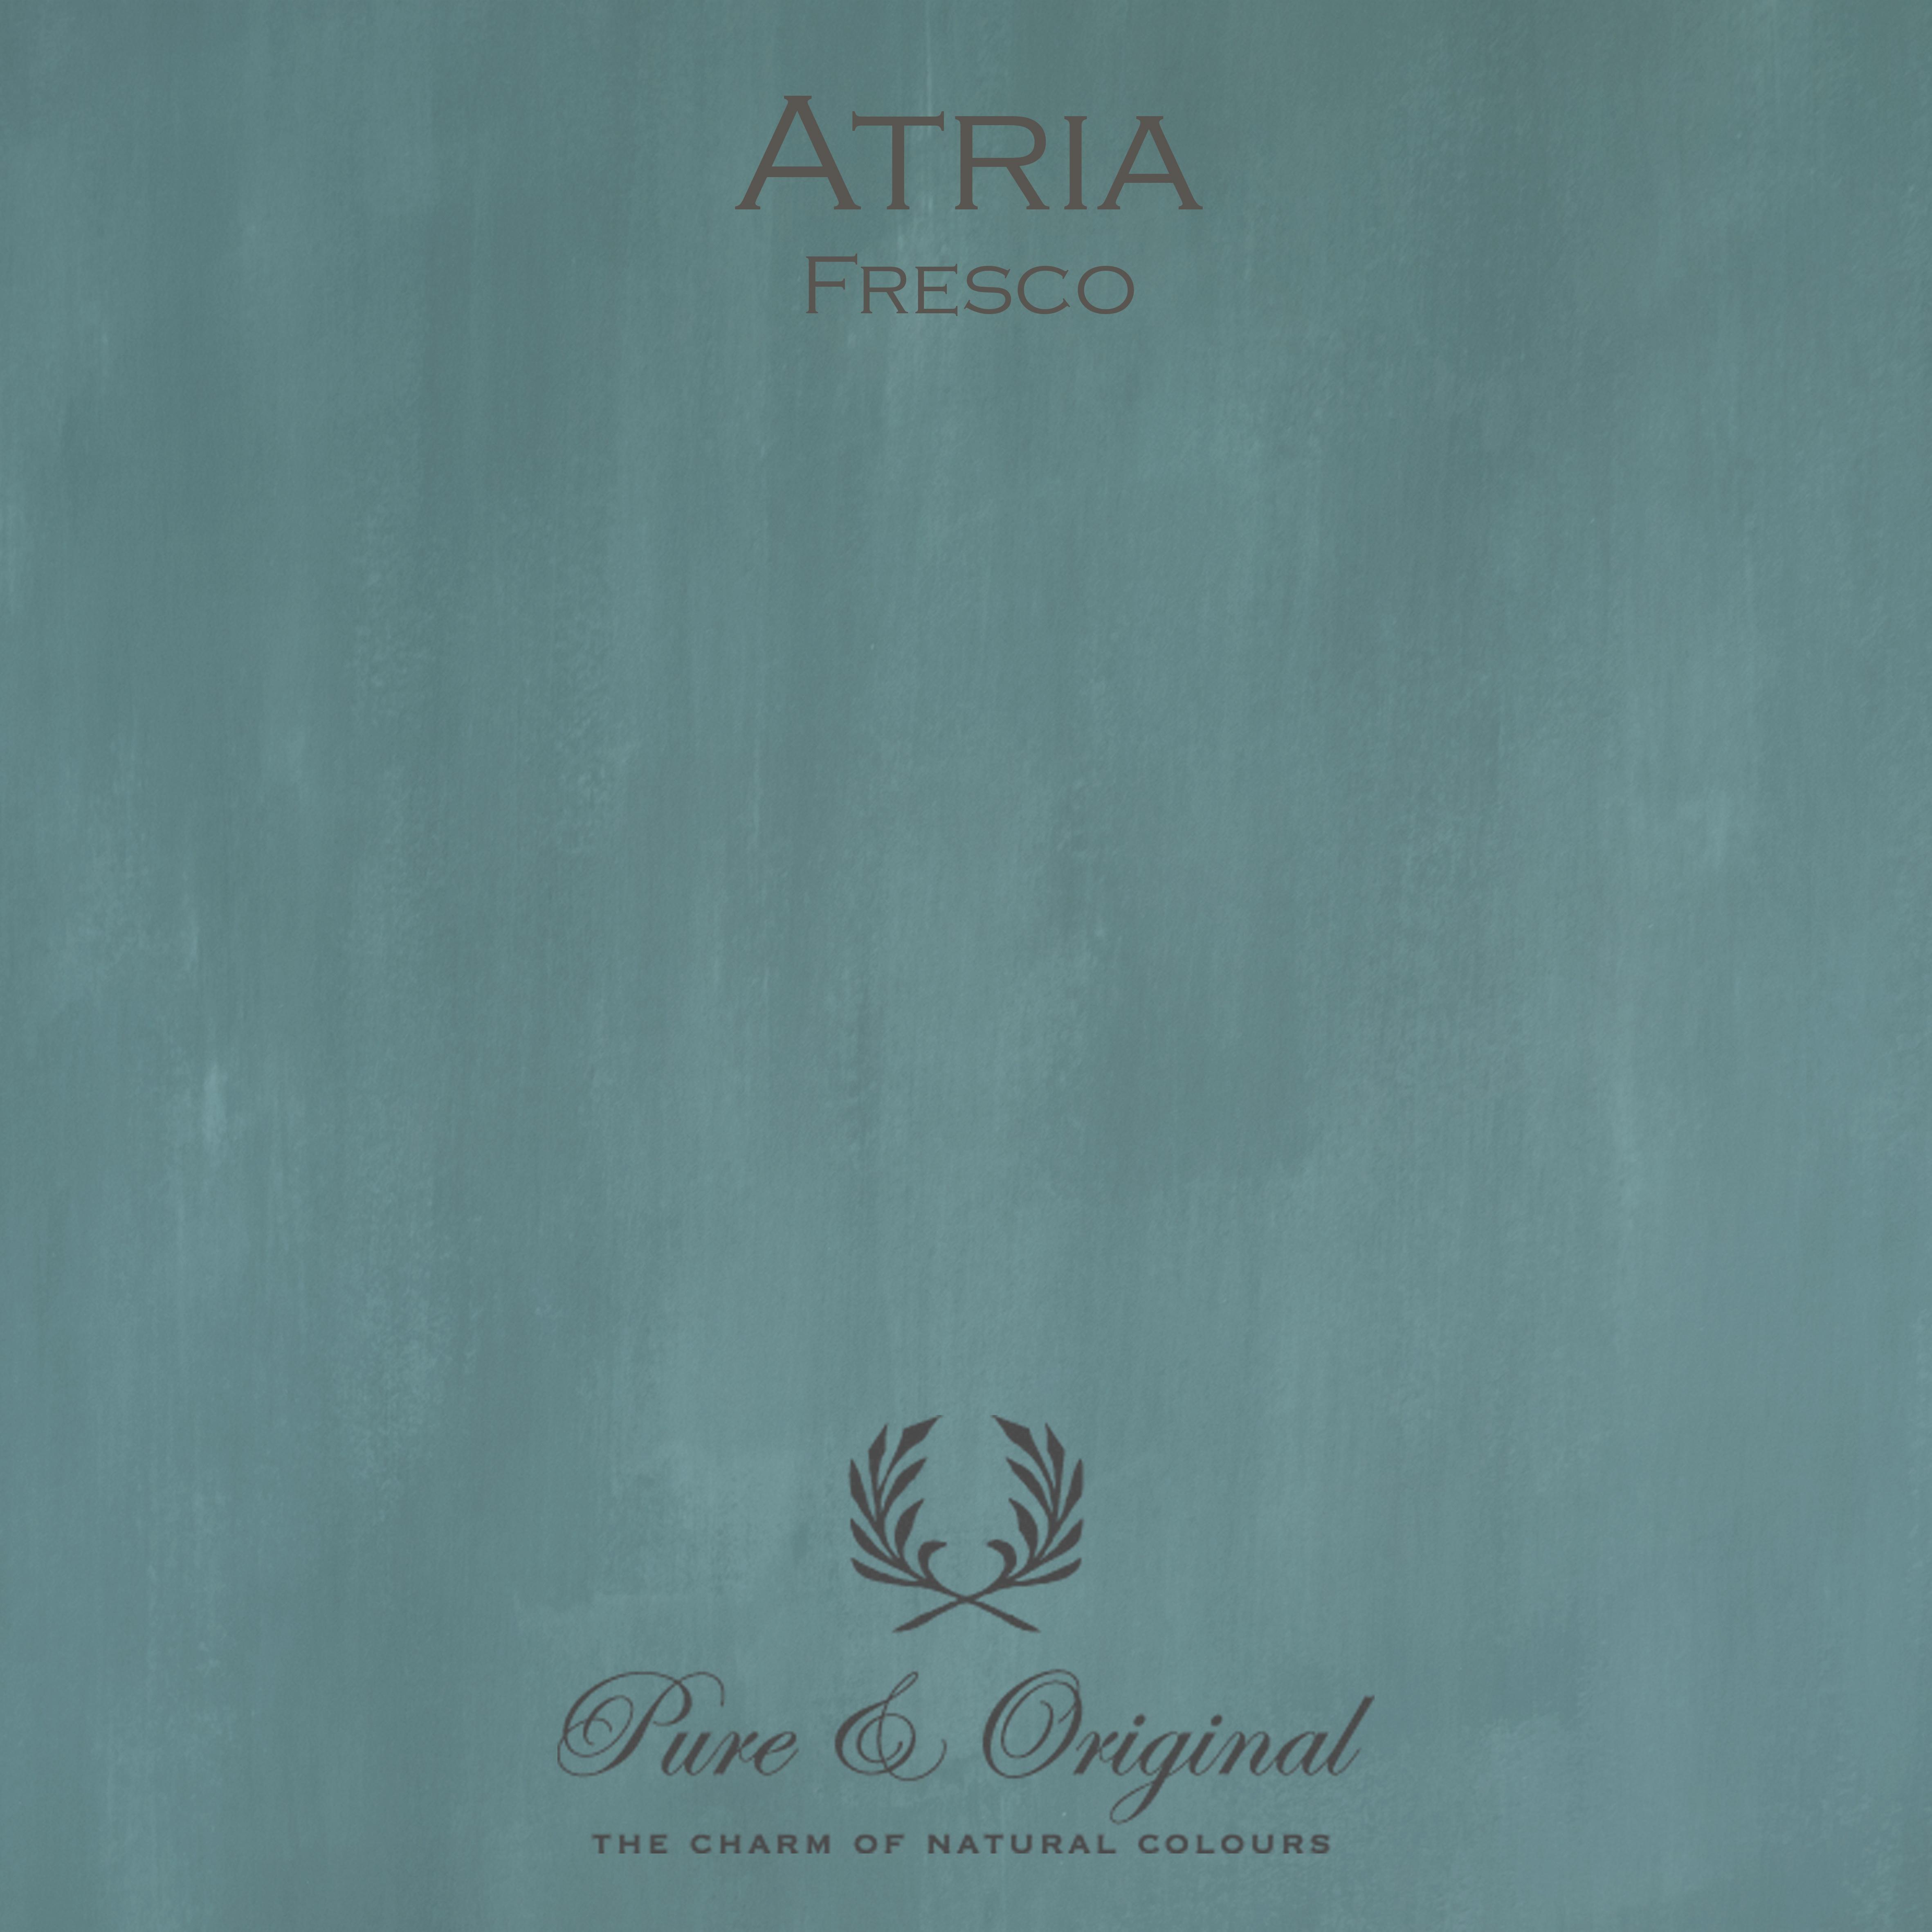 Kulör Atria, Fresco kalkfärg